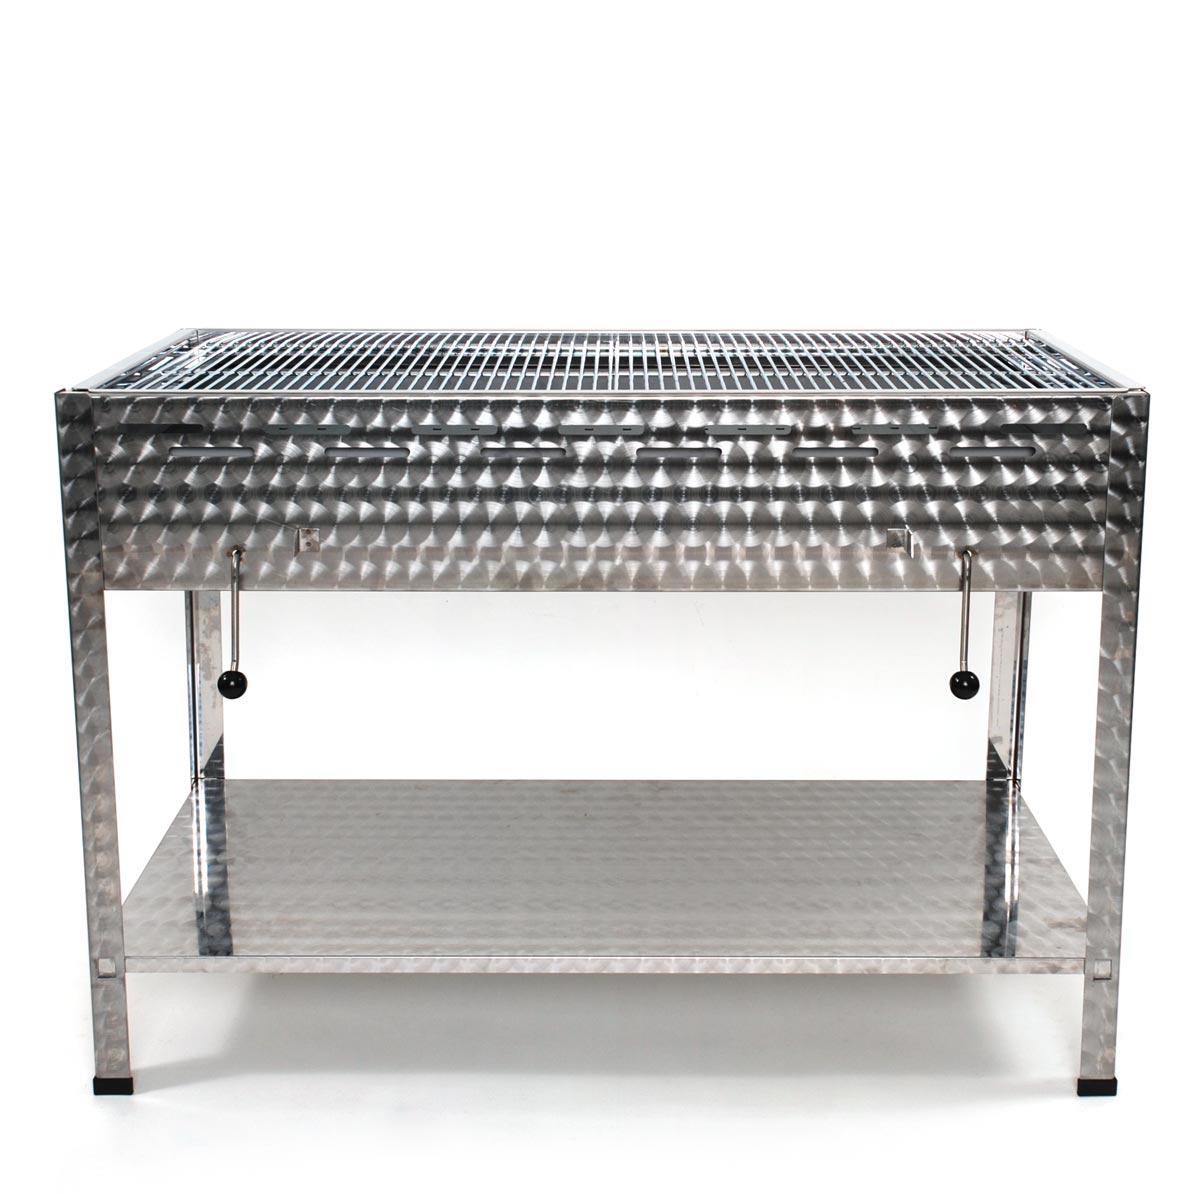 v2a edelstahl holzkohlegrill profi grill bbq verein. Black Bedroom Furniture Sets. Home Design Ideas